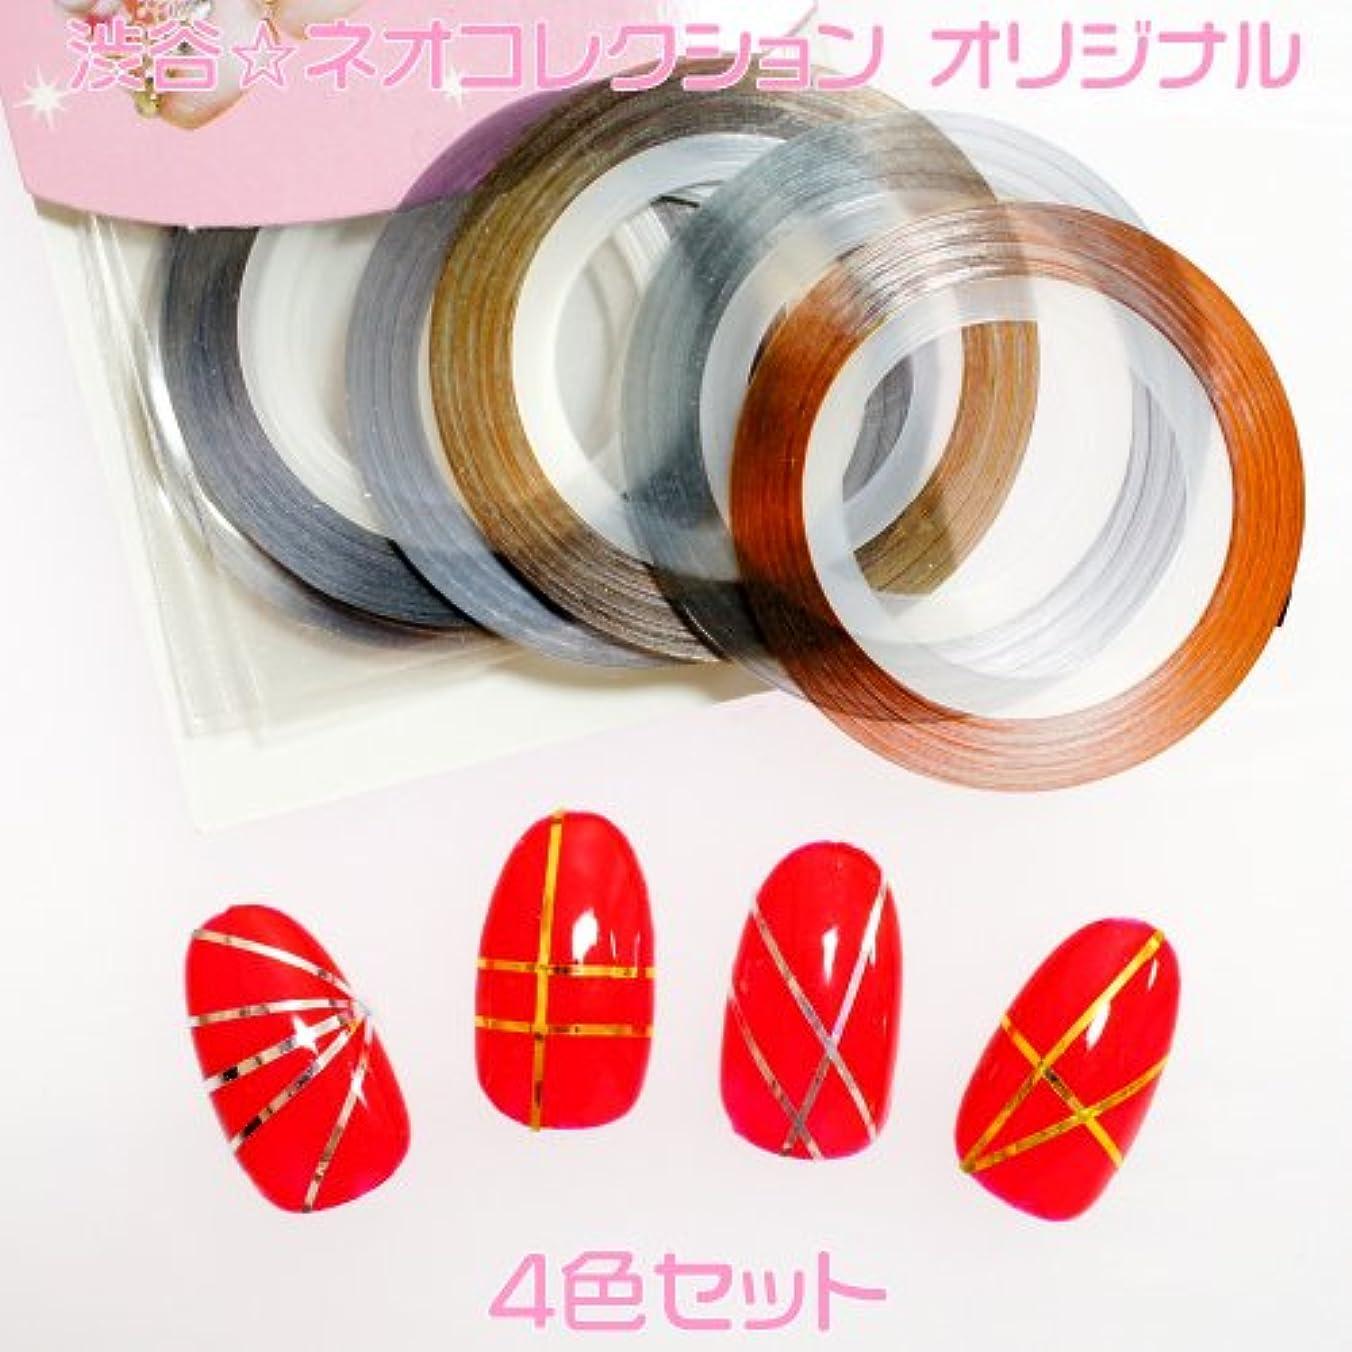 ピストン著名なおしゃれなネイルアート用 ラインテープ ゴールドシルバー4種セット ラインアートテープ